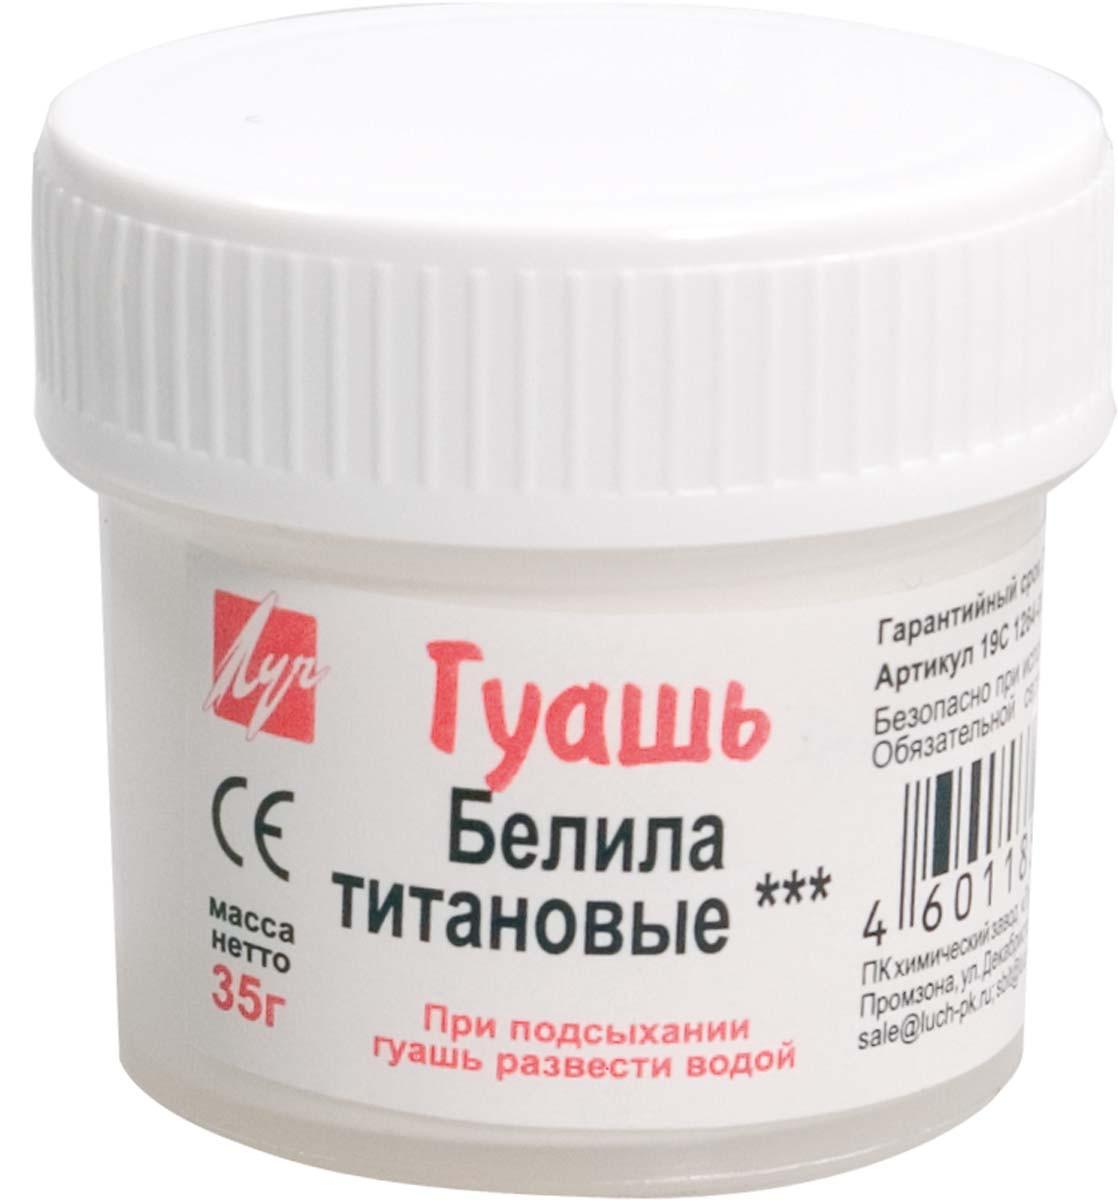 Гуашь белила титановые 20 мл, 0,035 кг 19С1264-08 230243